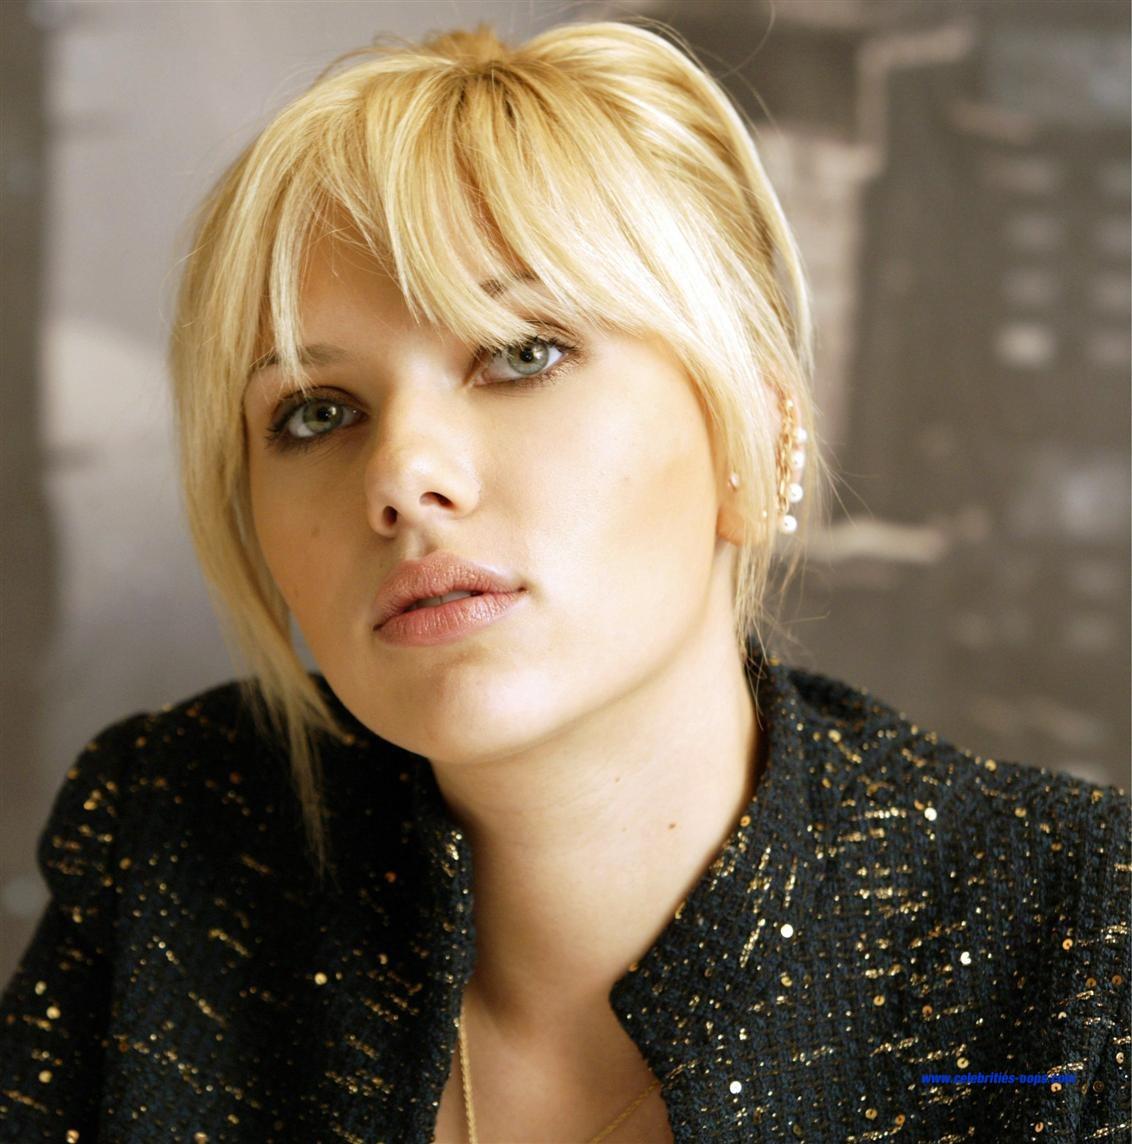 http://4.bp.blogspot.com/_g7rp4Q0HdK0/THivYW_oAgI/AAAAAAAAAD8/wKqyUMQo5Sw/s1600/Scarlett_05.jpg